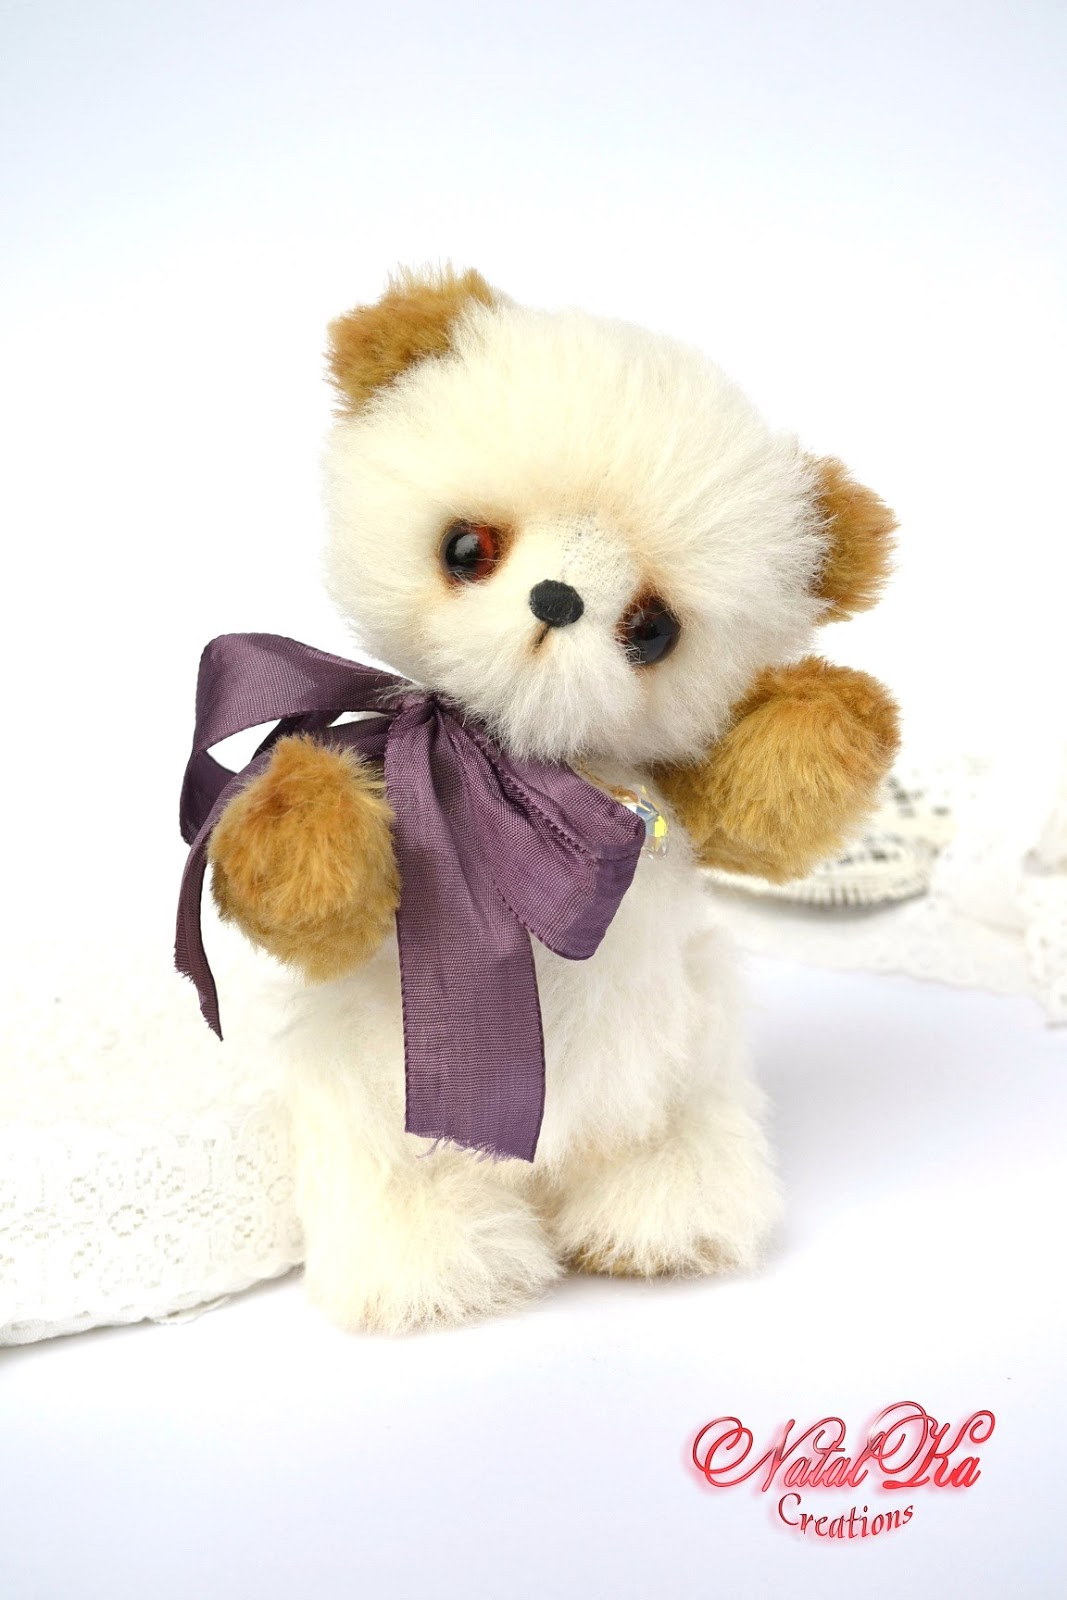 Artist teddy bear, artist bear, teddy bear, ooak, artist bear jointed, alpaka, handmade by NatalKa Creations. Künstlerbär, Künstlerteddy, Teddybär, Teddy, Unikat, handgemacht von NatalKa Creations